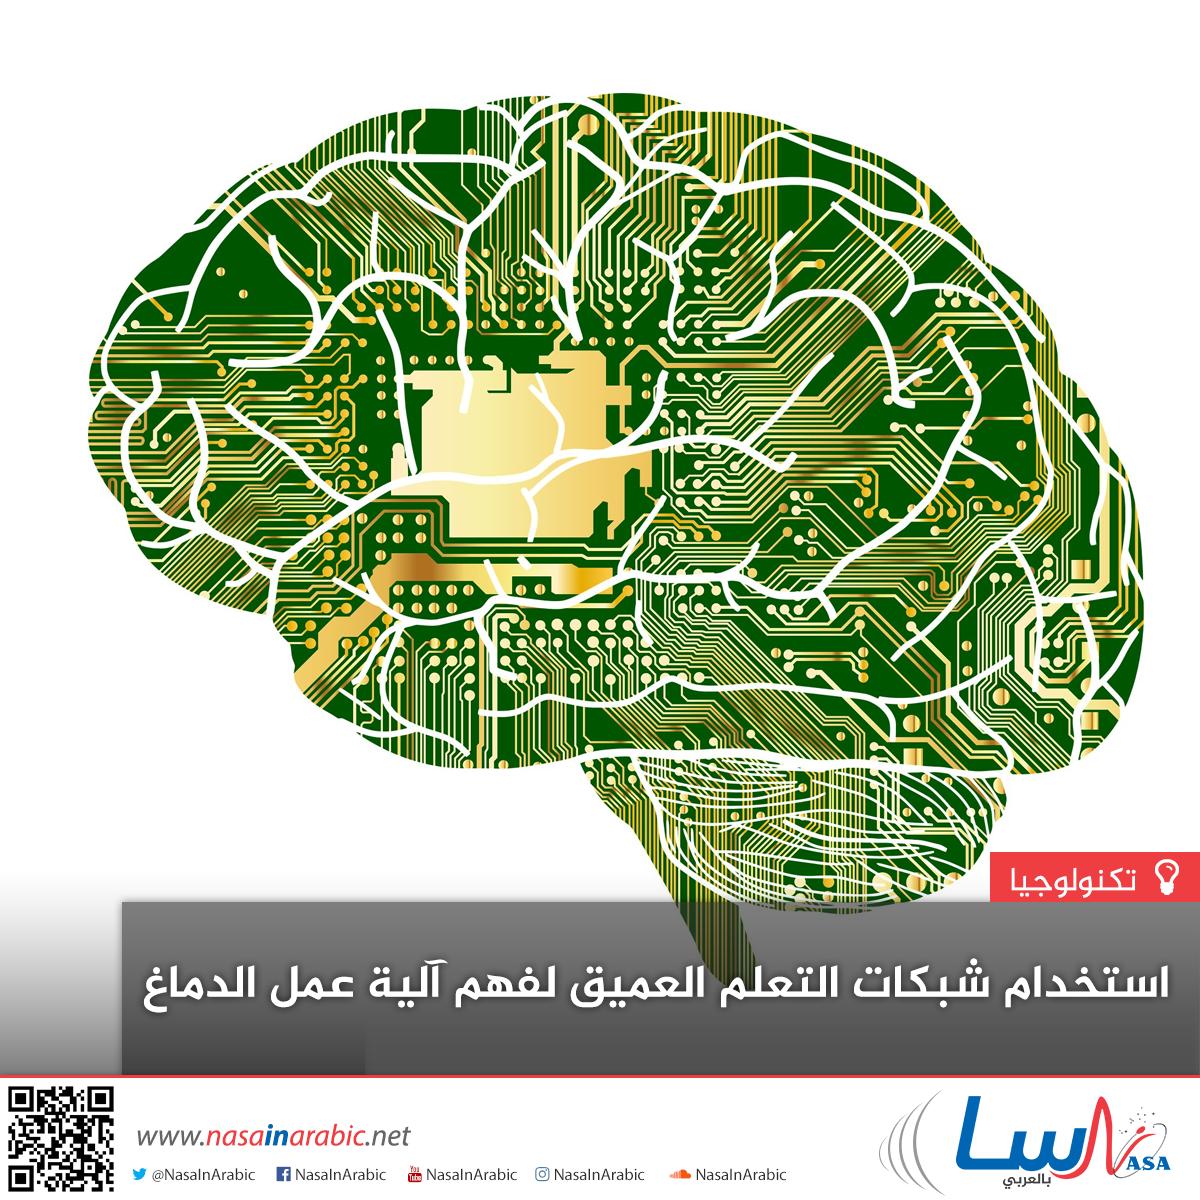 استخدام شبكات التعلم العميق لفهم آلية عمل الدماغ